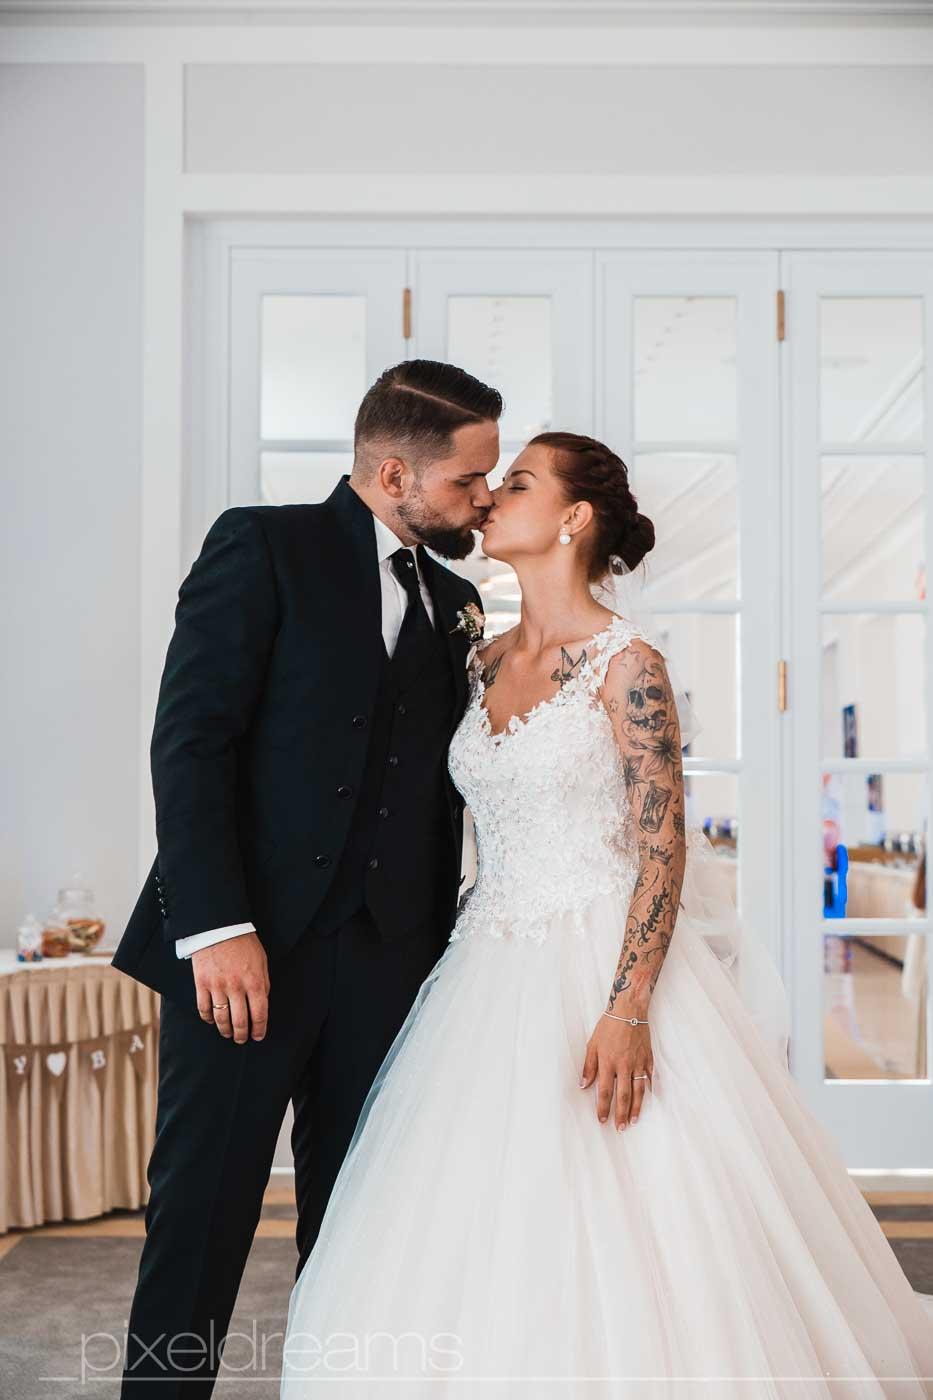 Hochzeitsfeier Steigenberger Grandhotel. Brautpaar küsst sich im Saal.